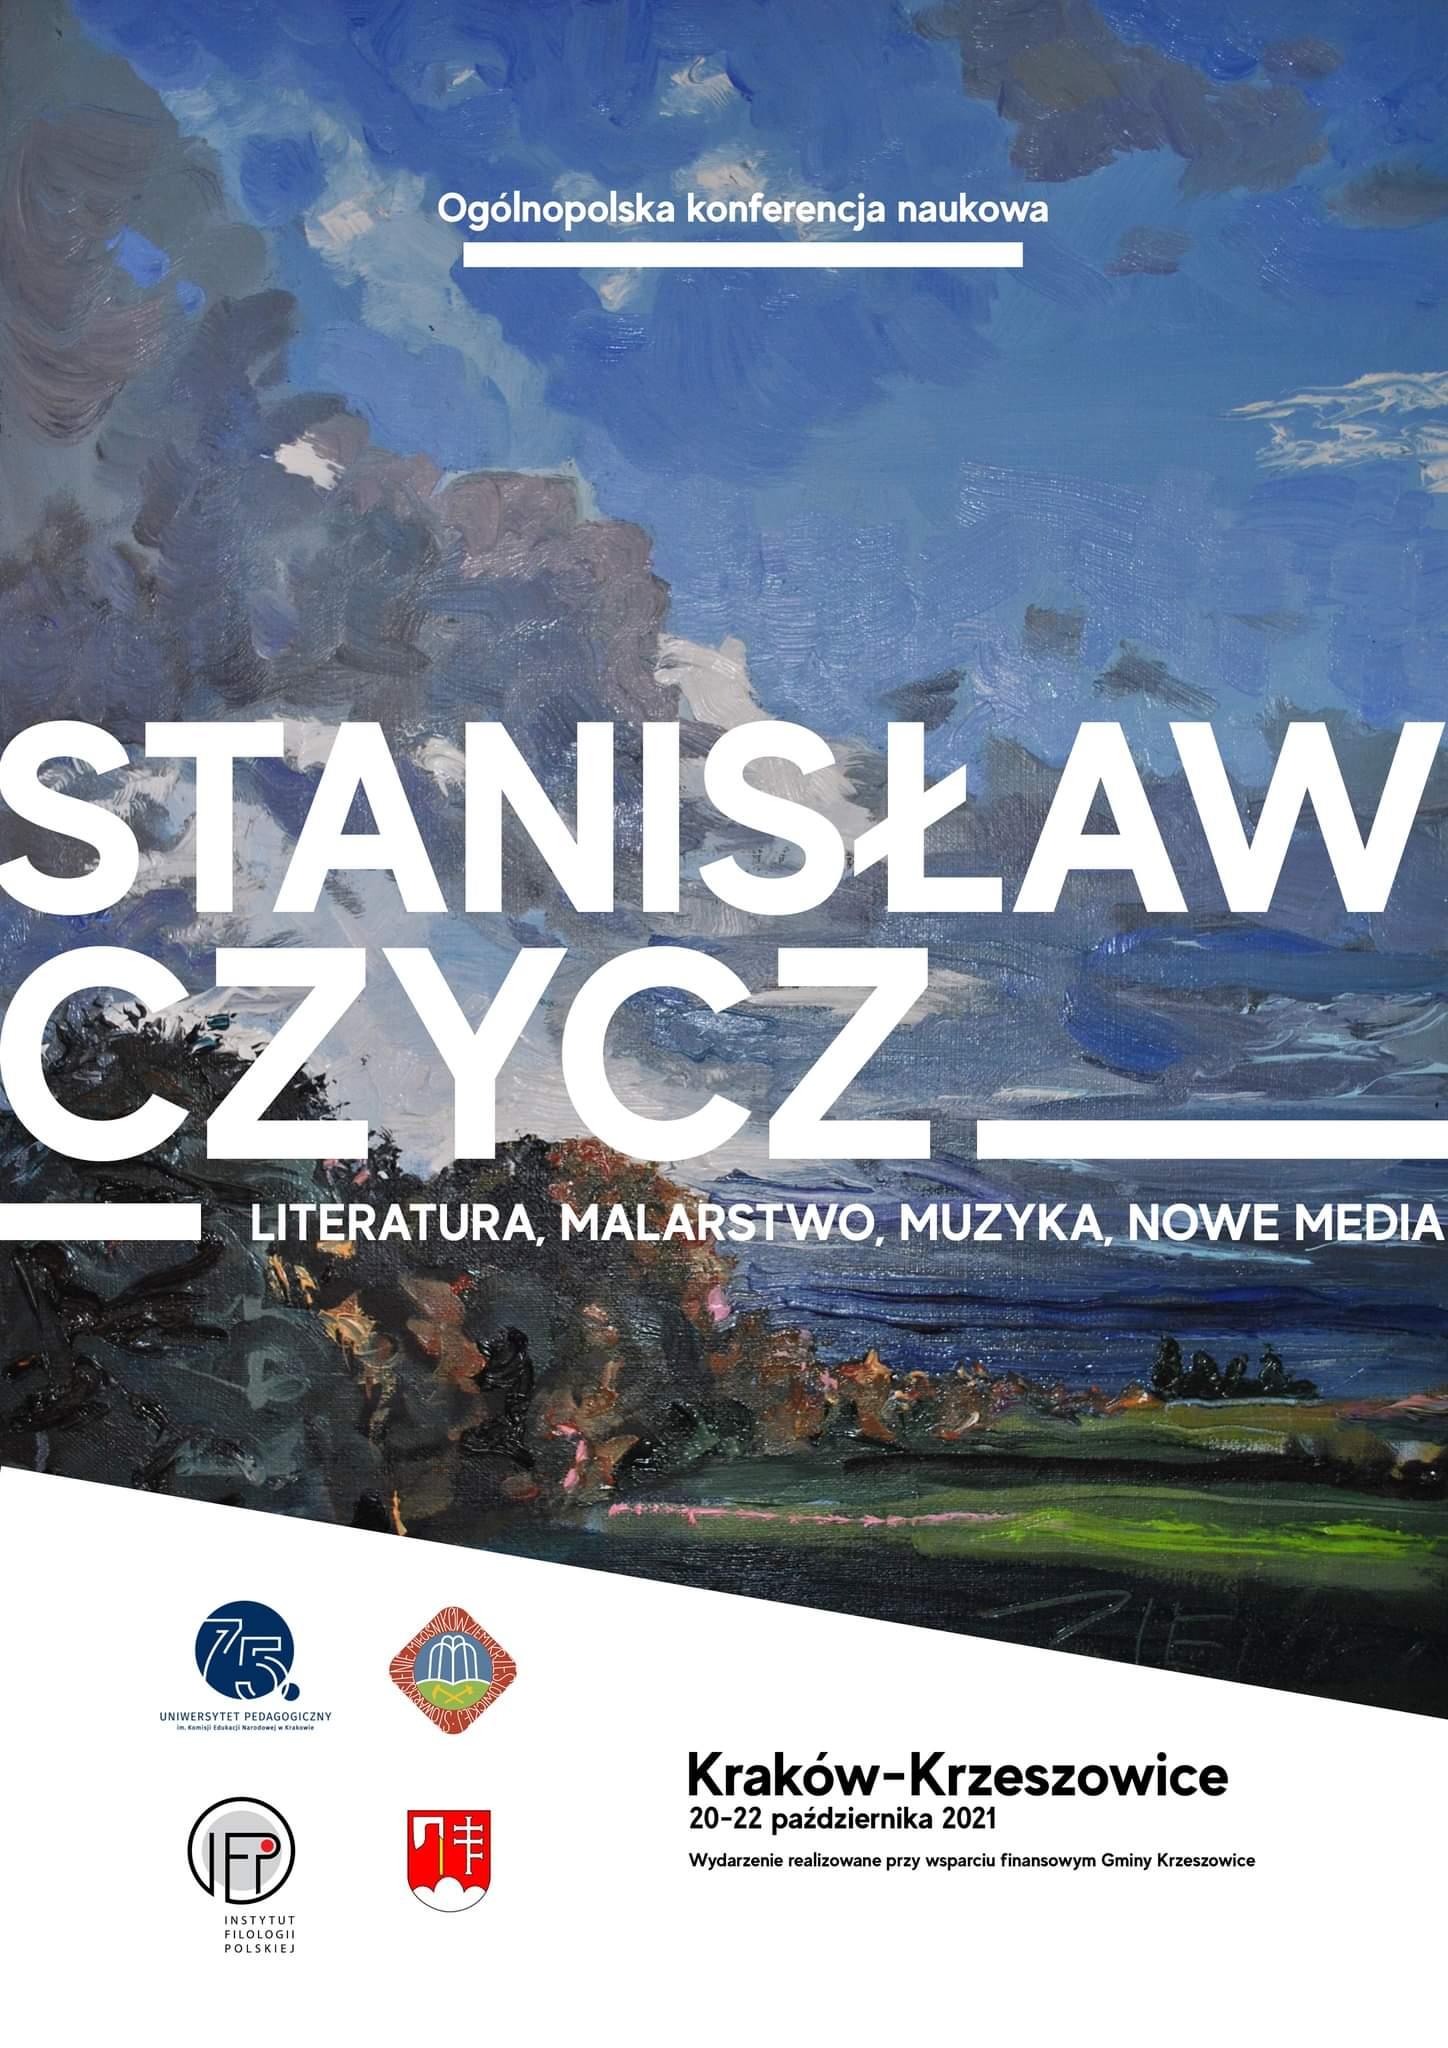 Czycz_konferencja_plakat